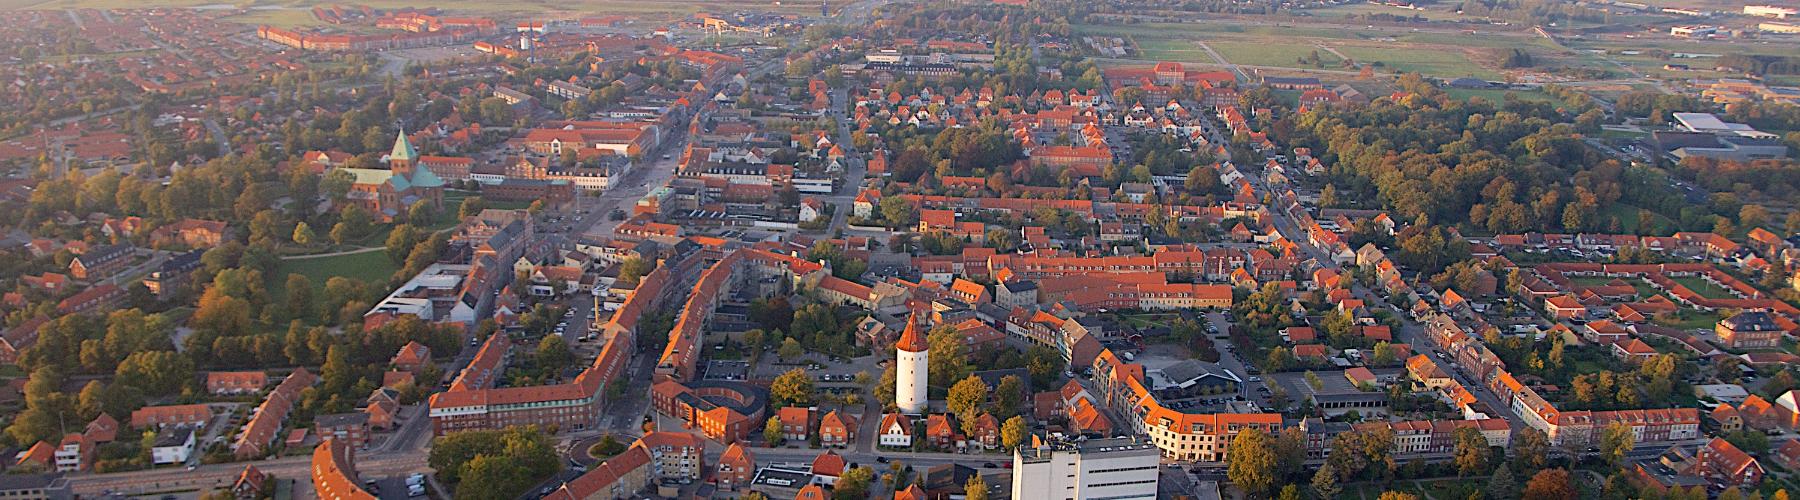 Ringsted Kommunes Mediebibliotek  cover image